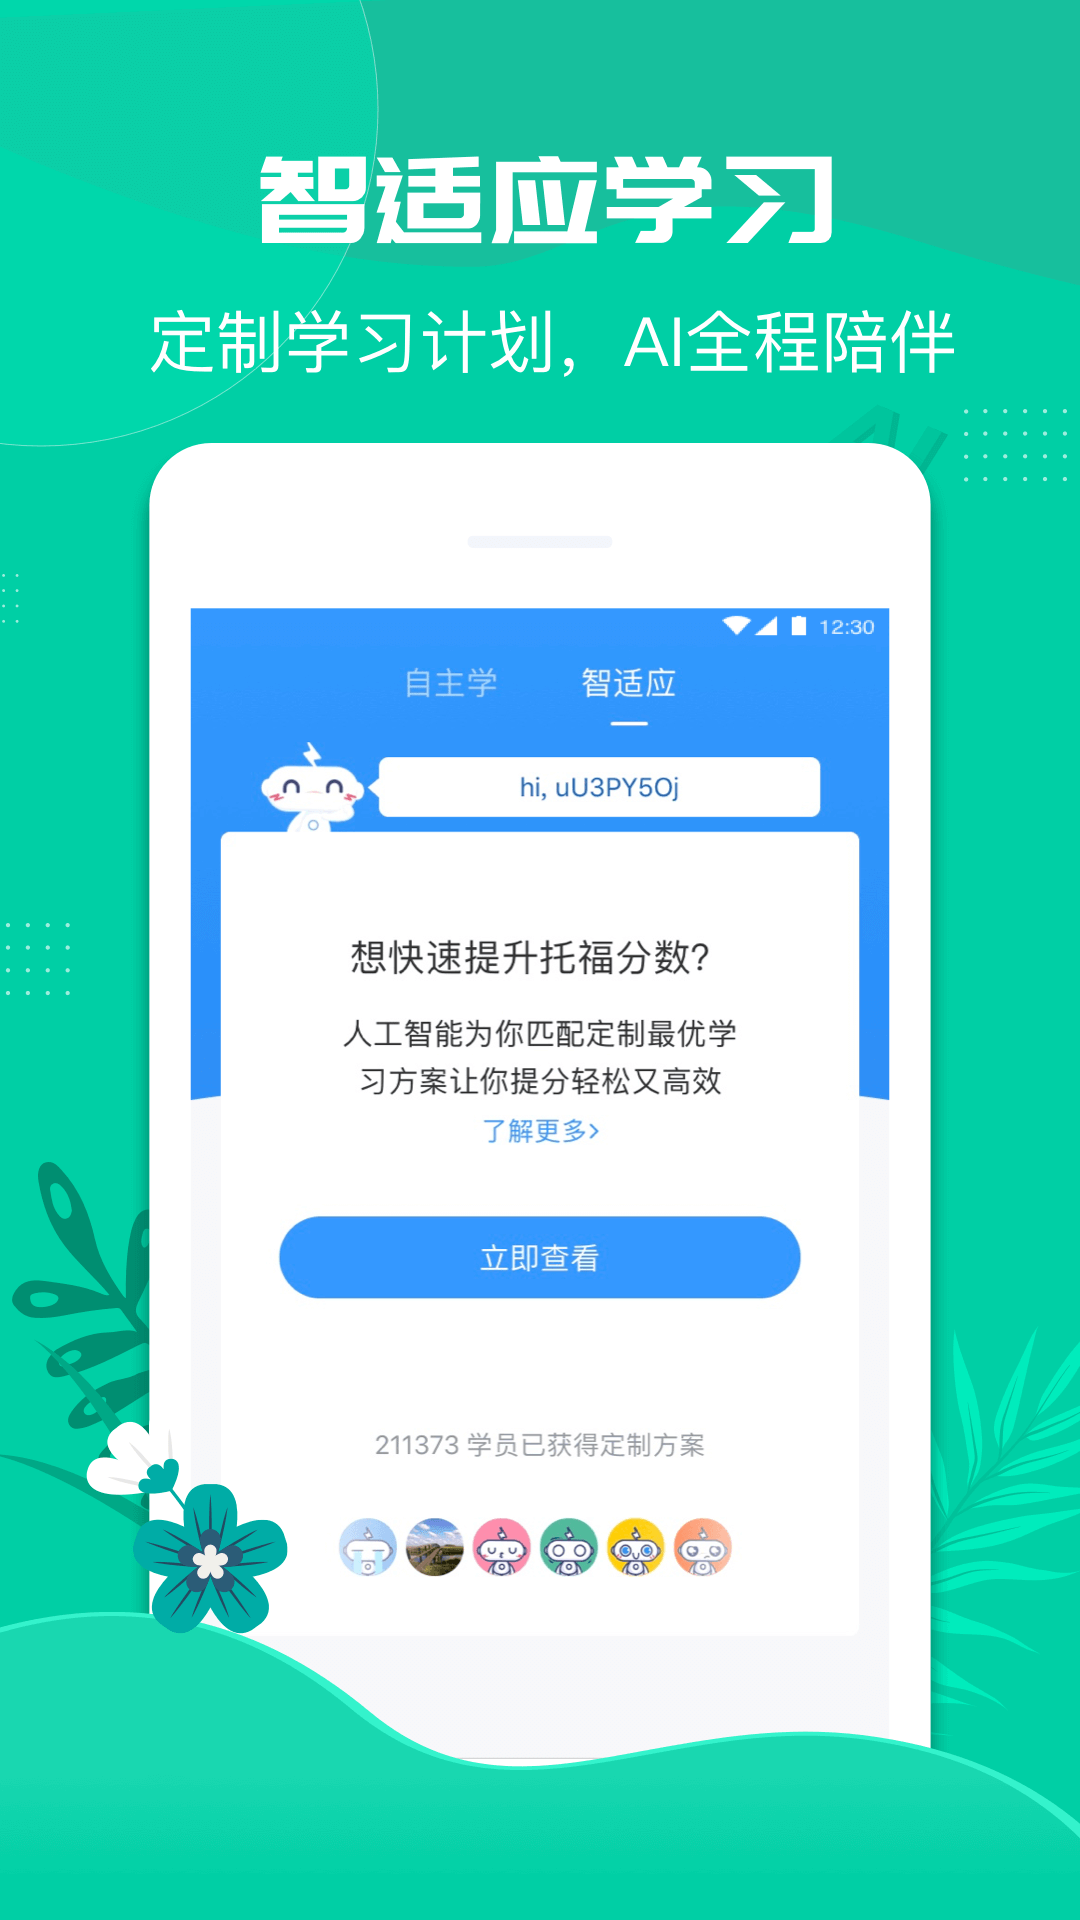 智课斩托福安卓版